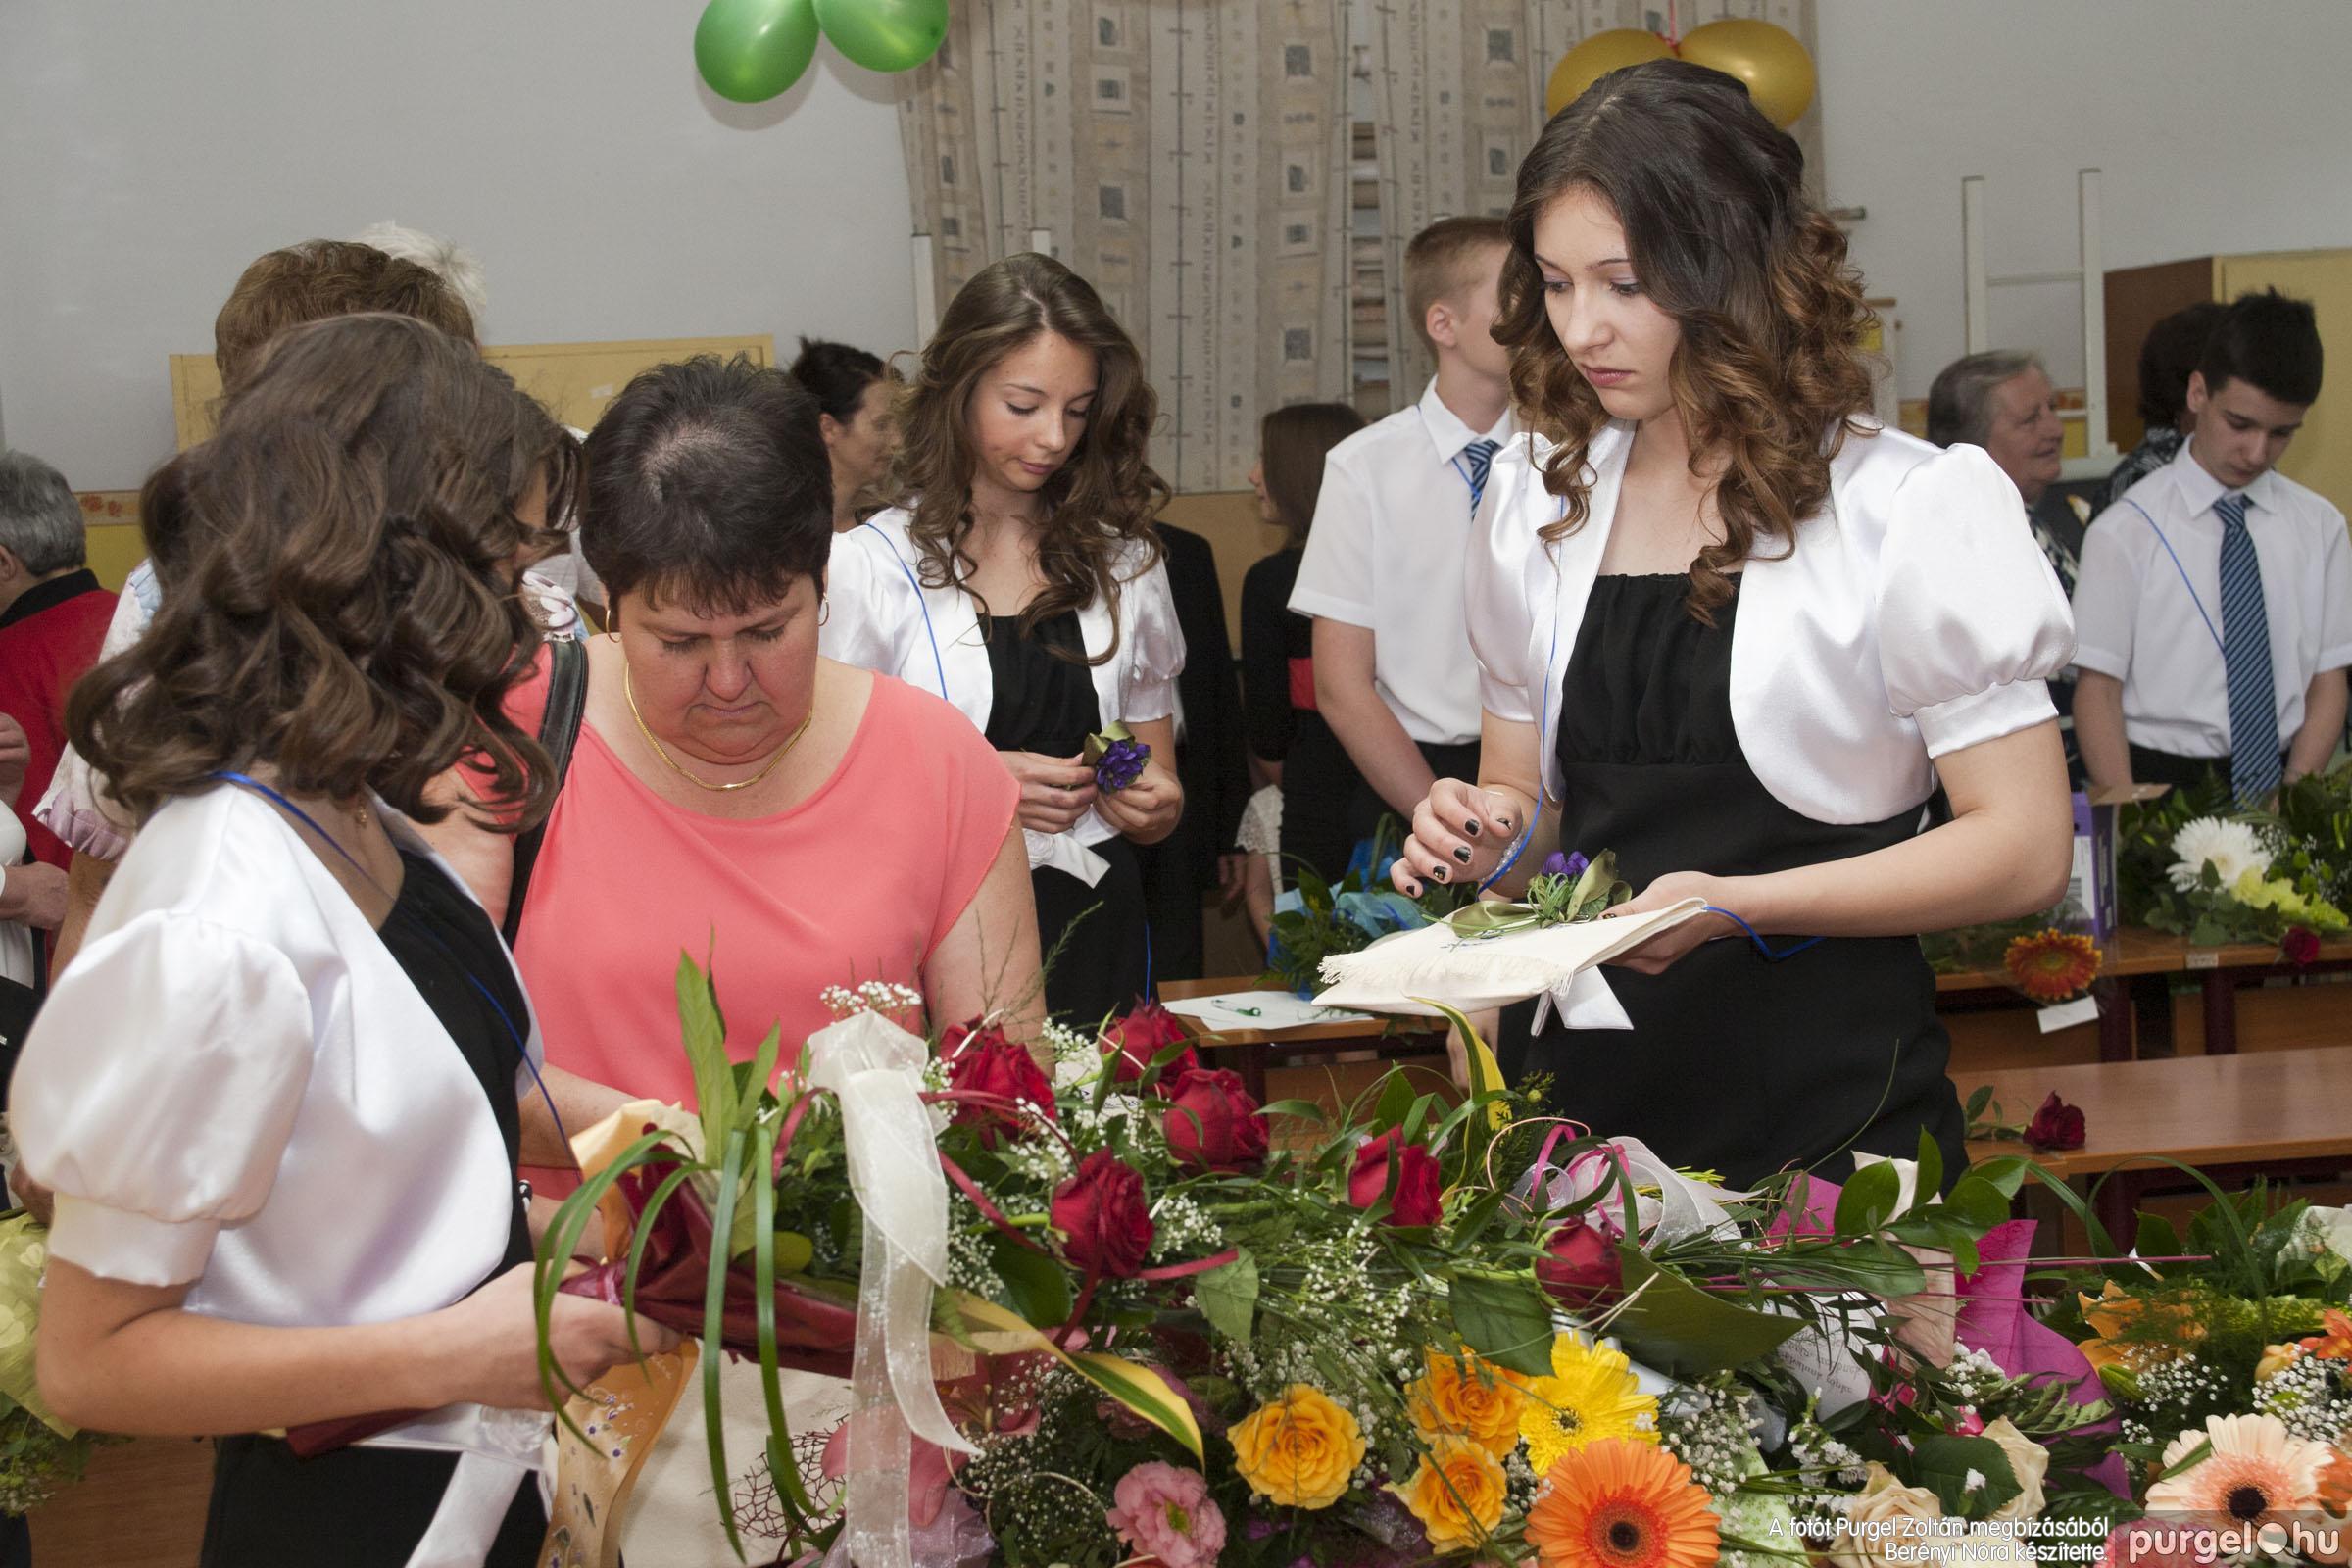 2014.06.14. 046 Forray Máté Általános Iskola ballagás 2014. - Fotó:BERÉNYI NÓRA© _MG_5597.jpg